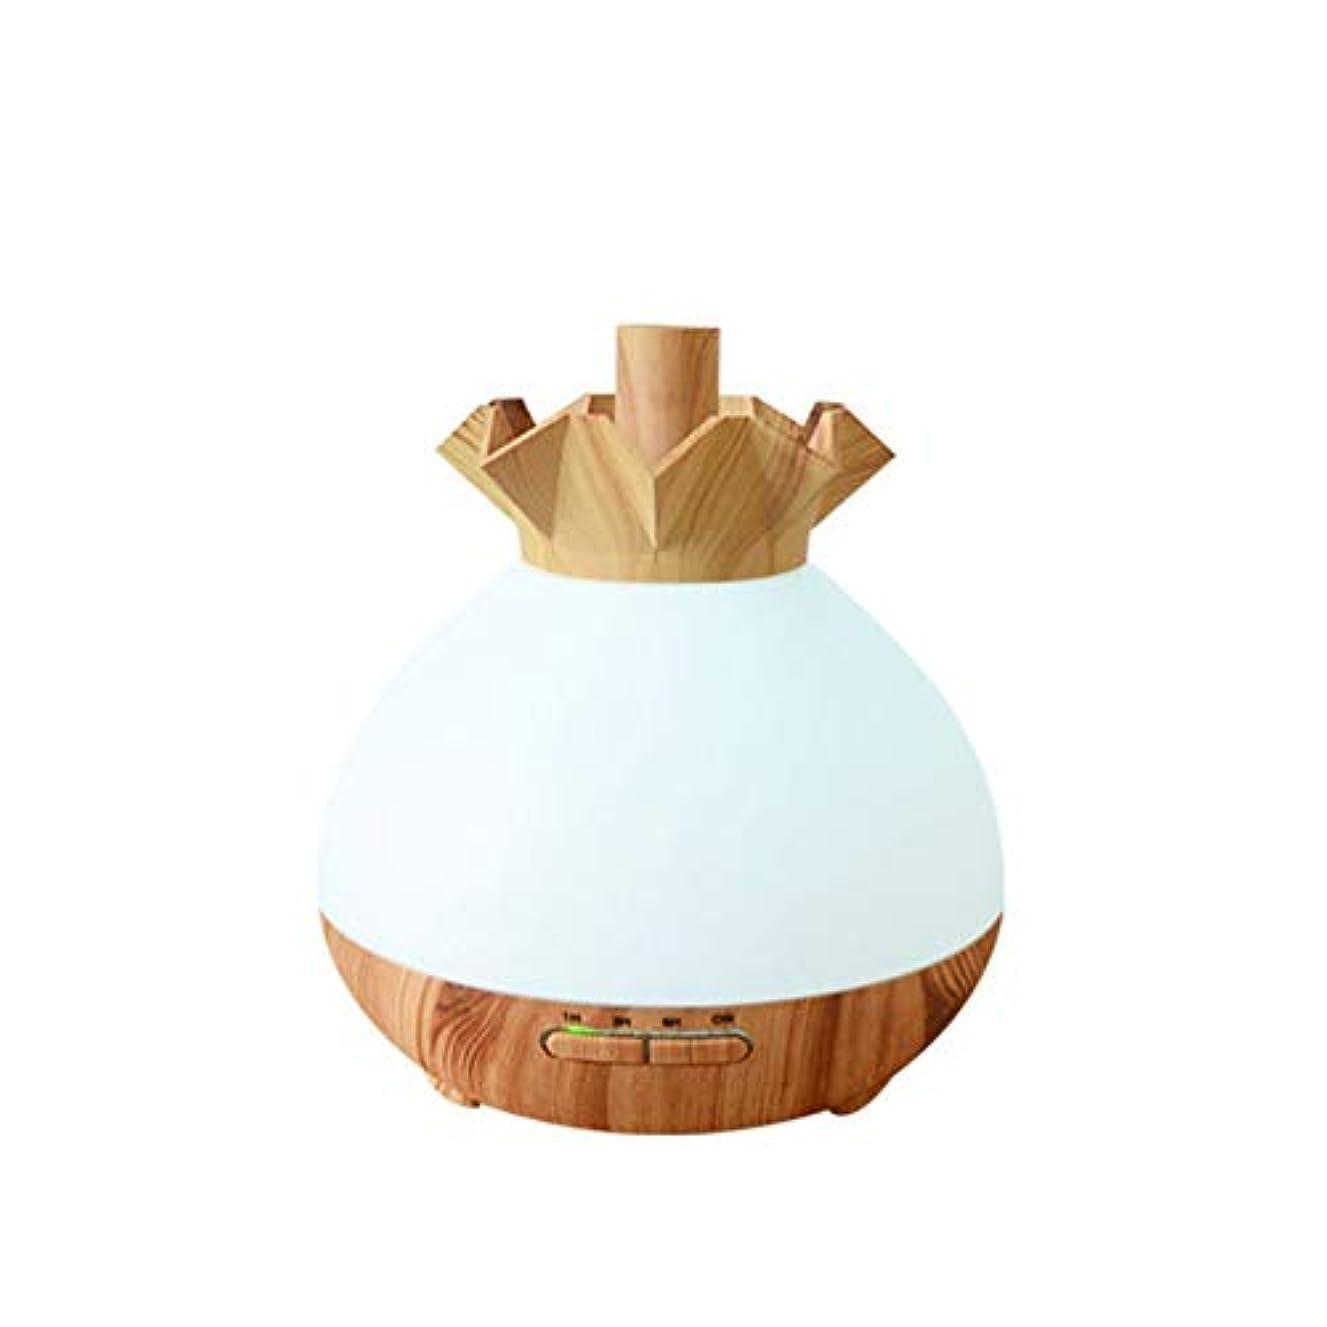 デモンストレーション高度なワットWifiアプリコントロール 涼しい霧 加湿器,7 色 木目 空気を浄化 加湿機 プレミアム サイレント 精油 ディフューザー アロマネブライザー ベッド- 400ml